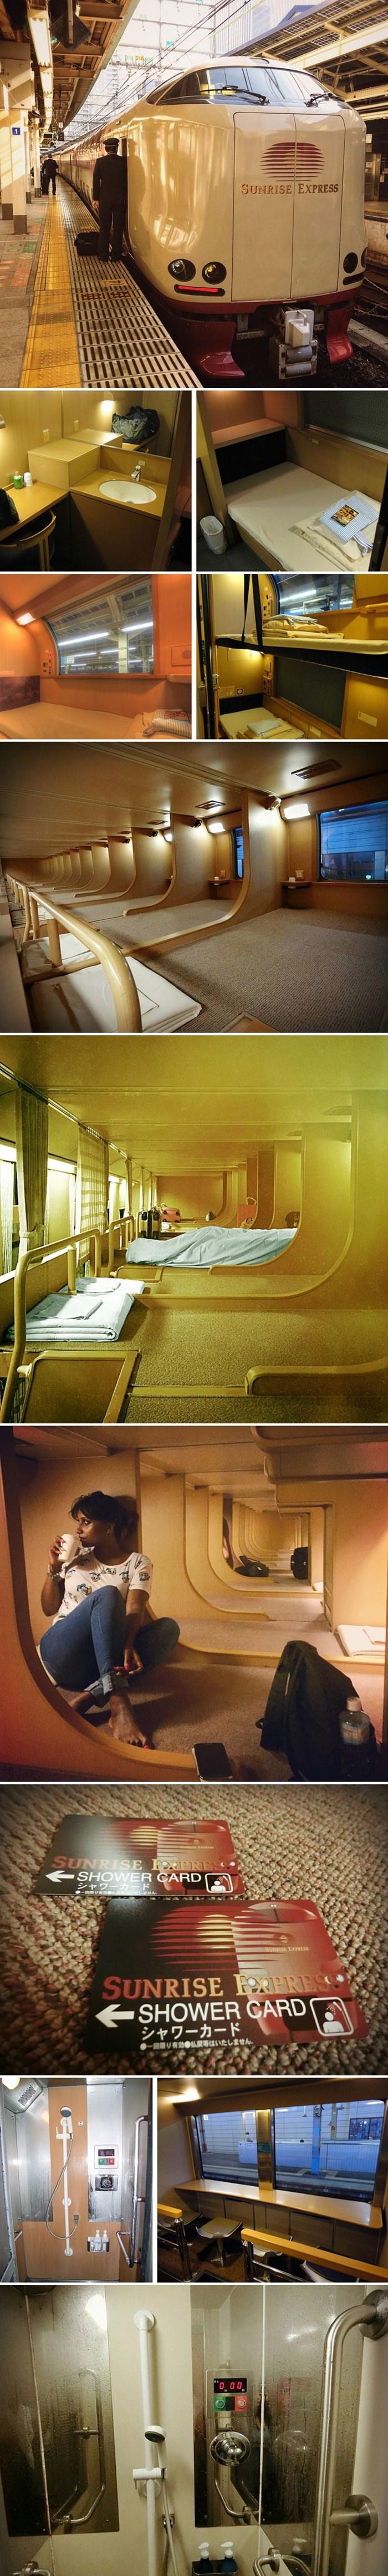 Začudit ćete se kad vidite kako izgleda unutrašnjost japanskih vlakova, turisti s razlogom ostaju iznenađeni